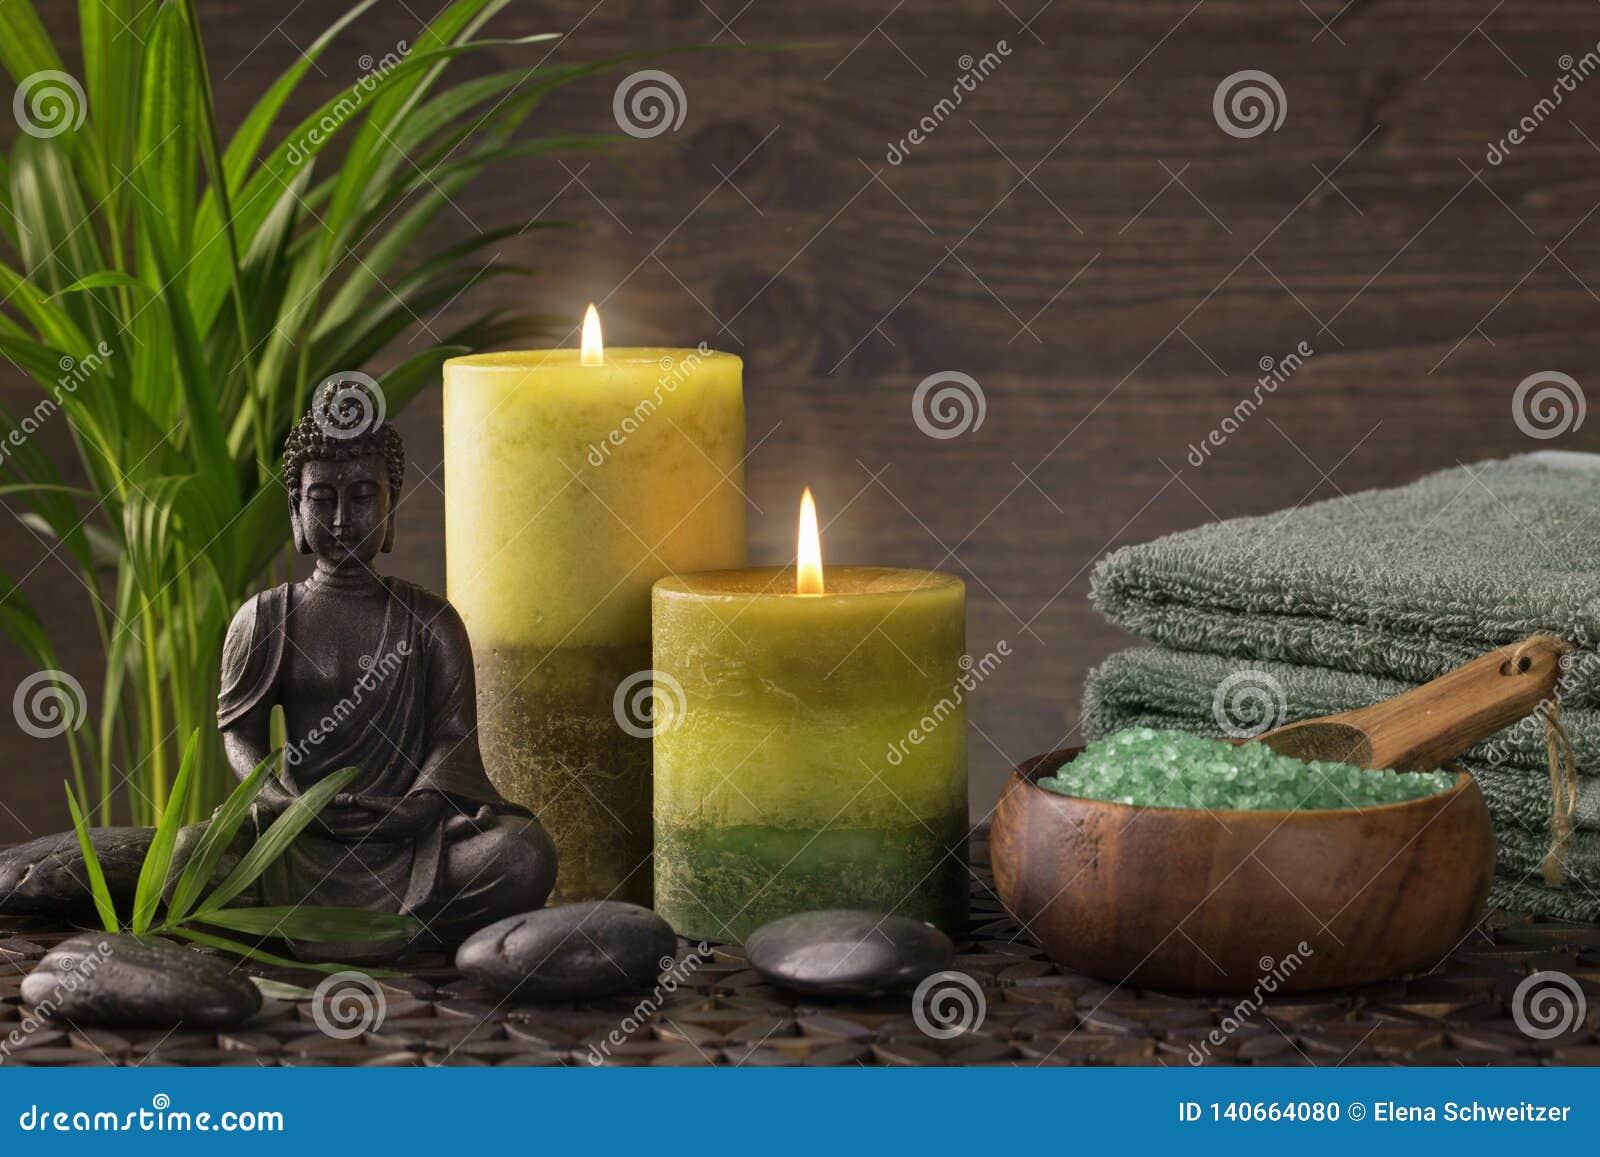 Statua, asciugamani e candele di Buddha